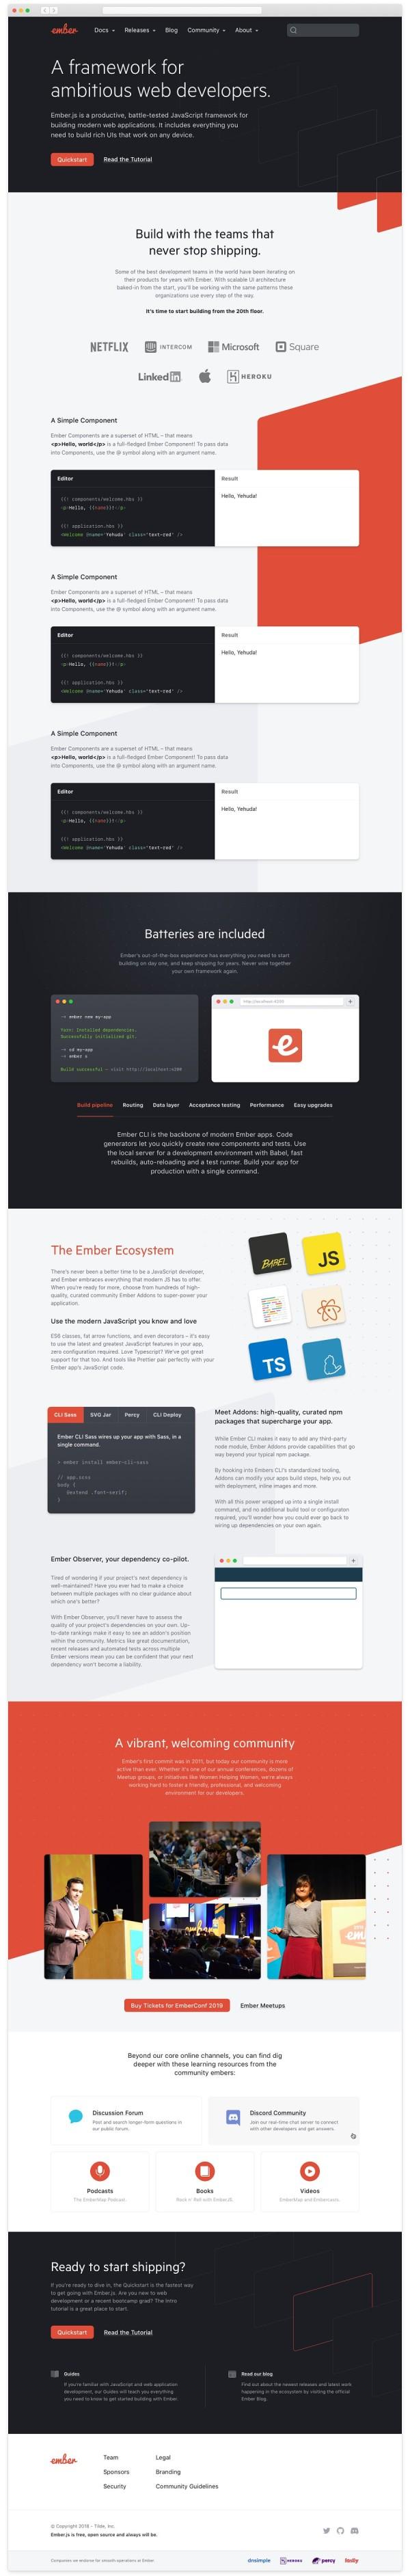 Mockup of new Ember website